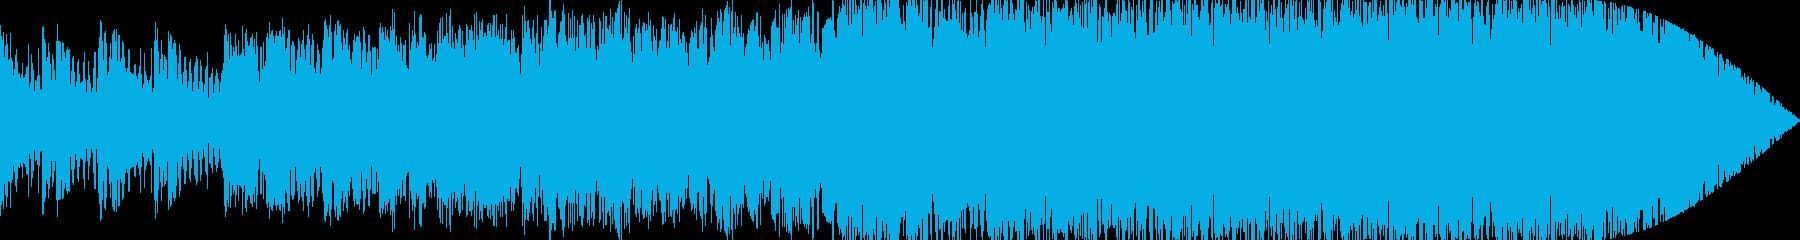 緊張感のある退廃的な世界の曲 コロナの再生済みの波形